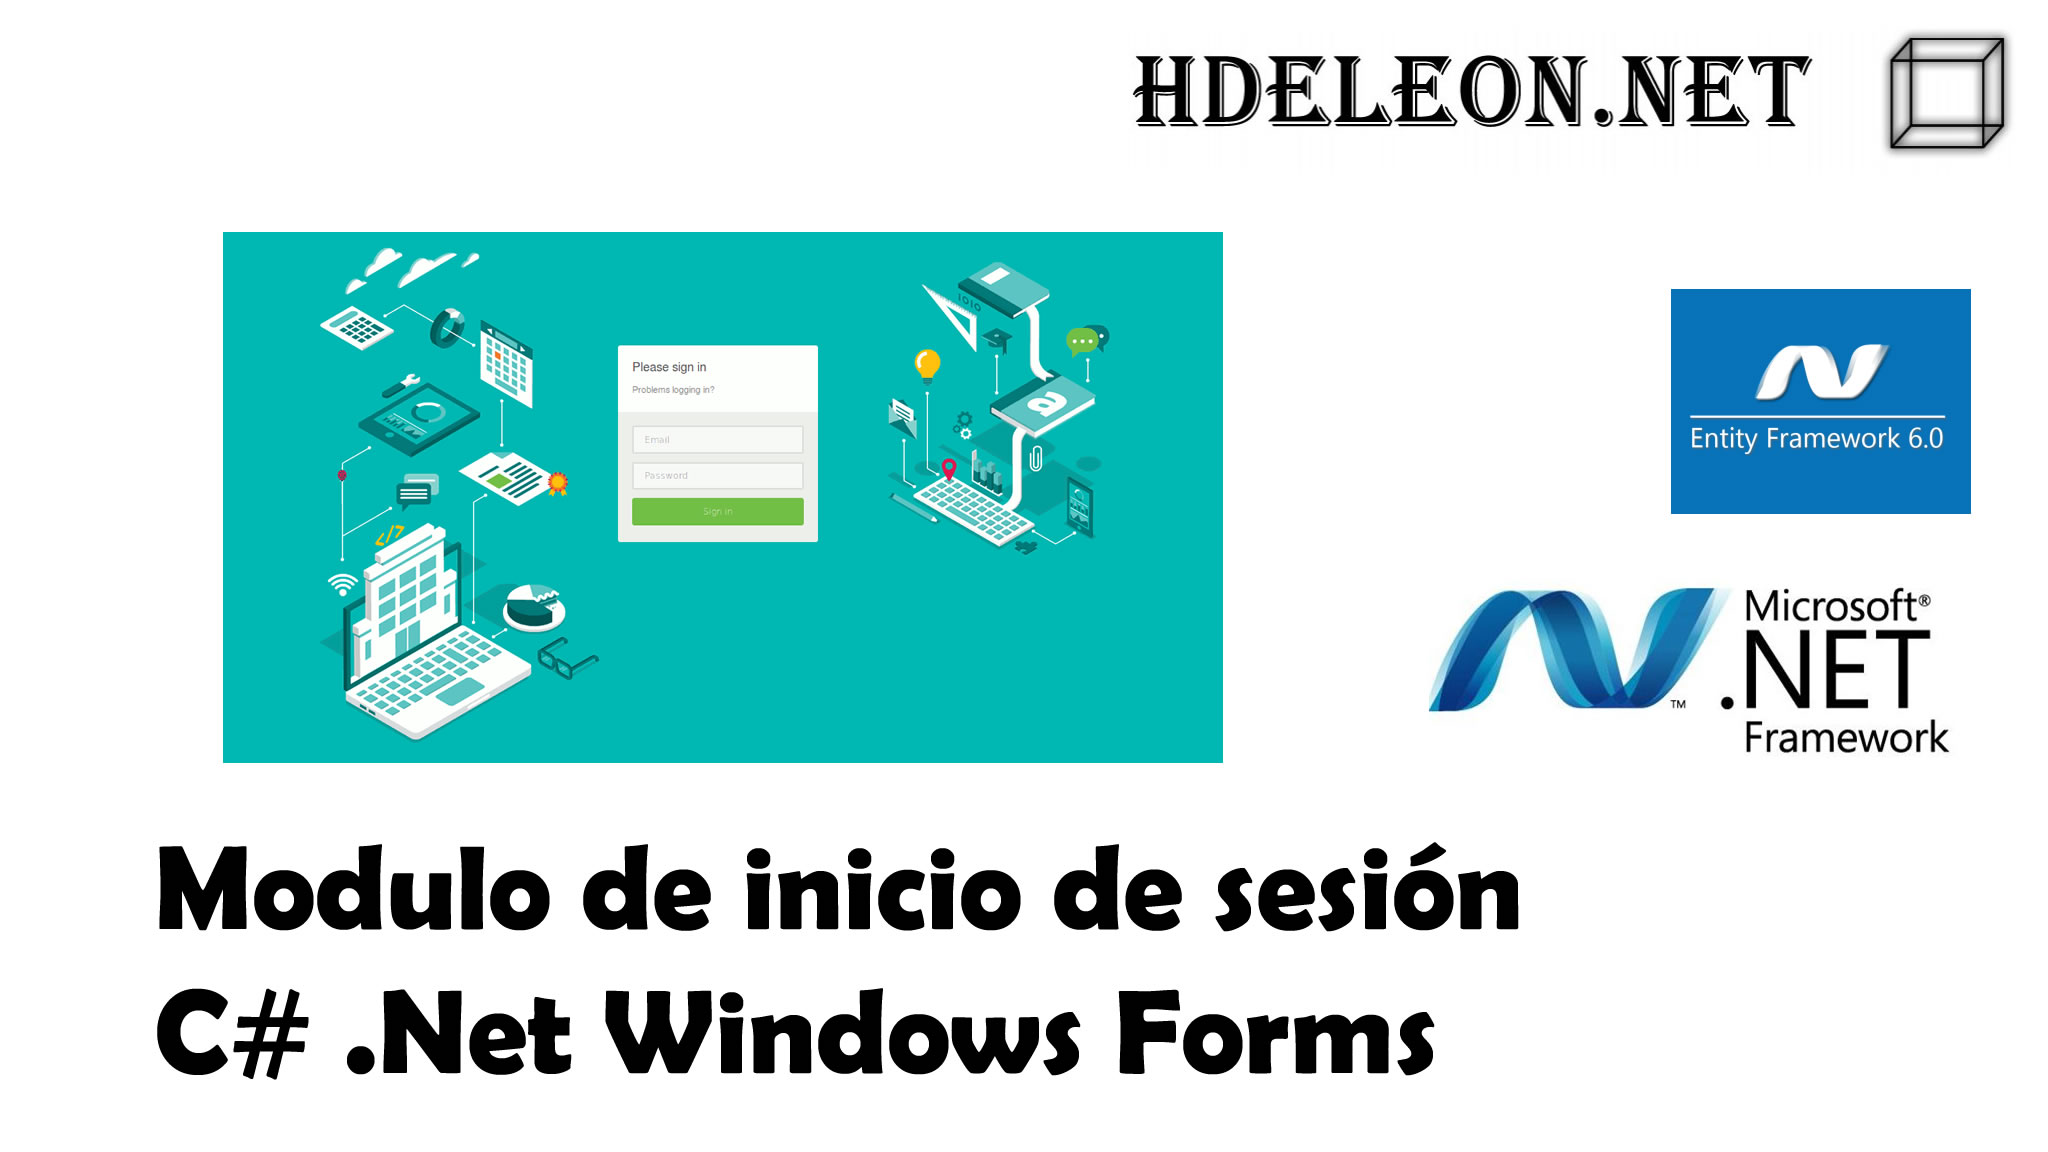 ¿Cómo crear un inicio de sesión en C# Windows Forms .Net? Entity Framework